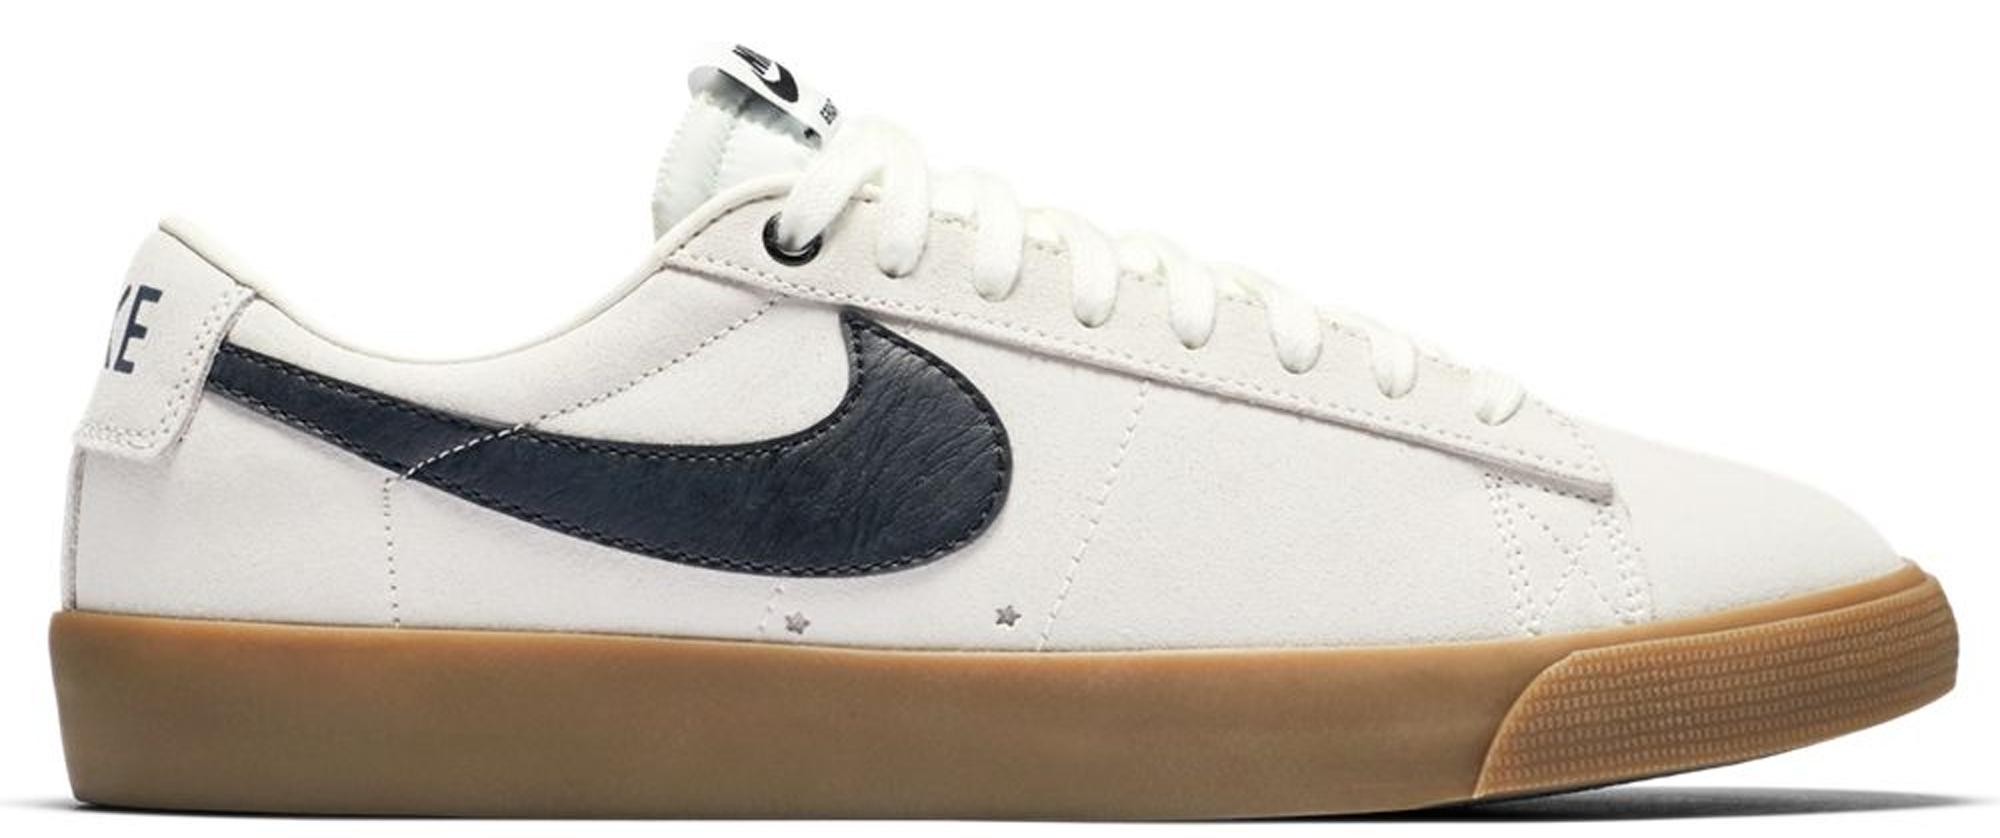 Nike SB Blazer Low GT Ivory Black Gum